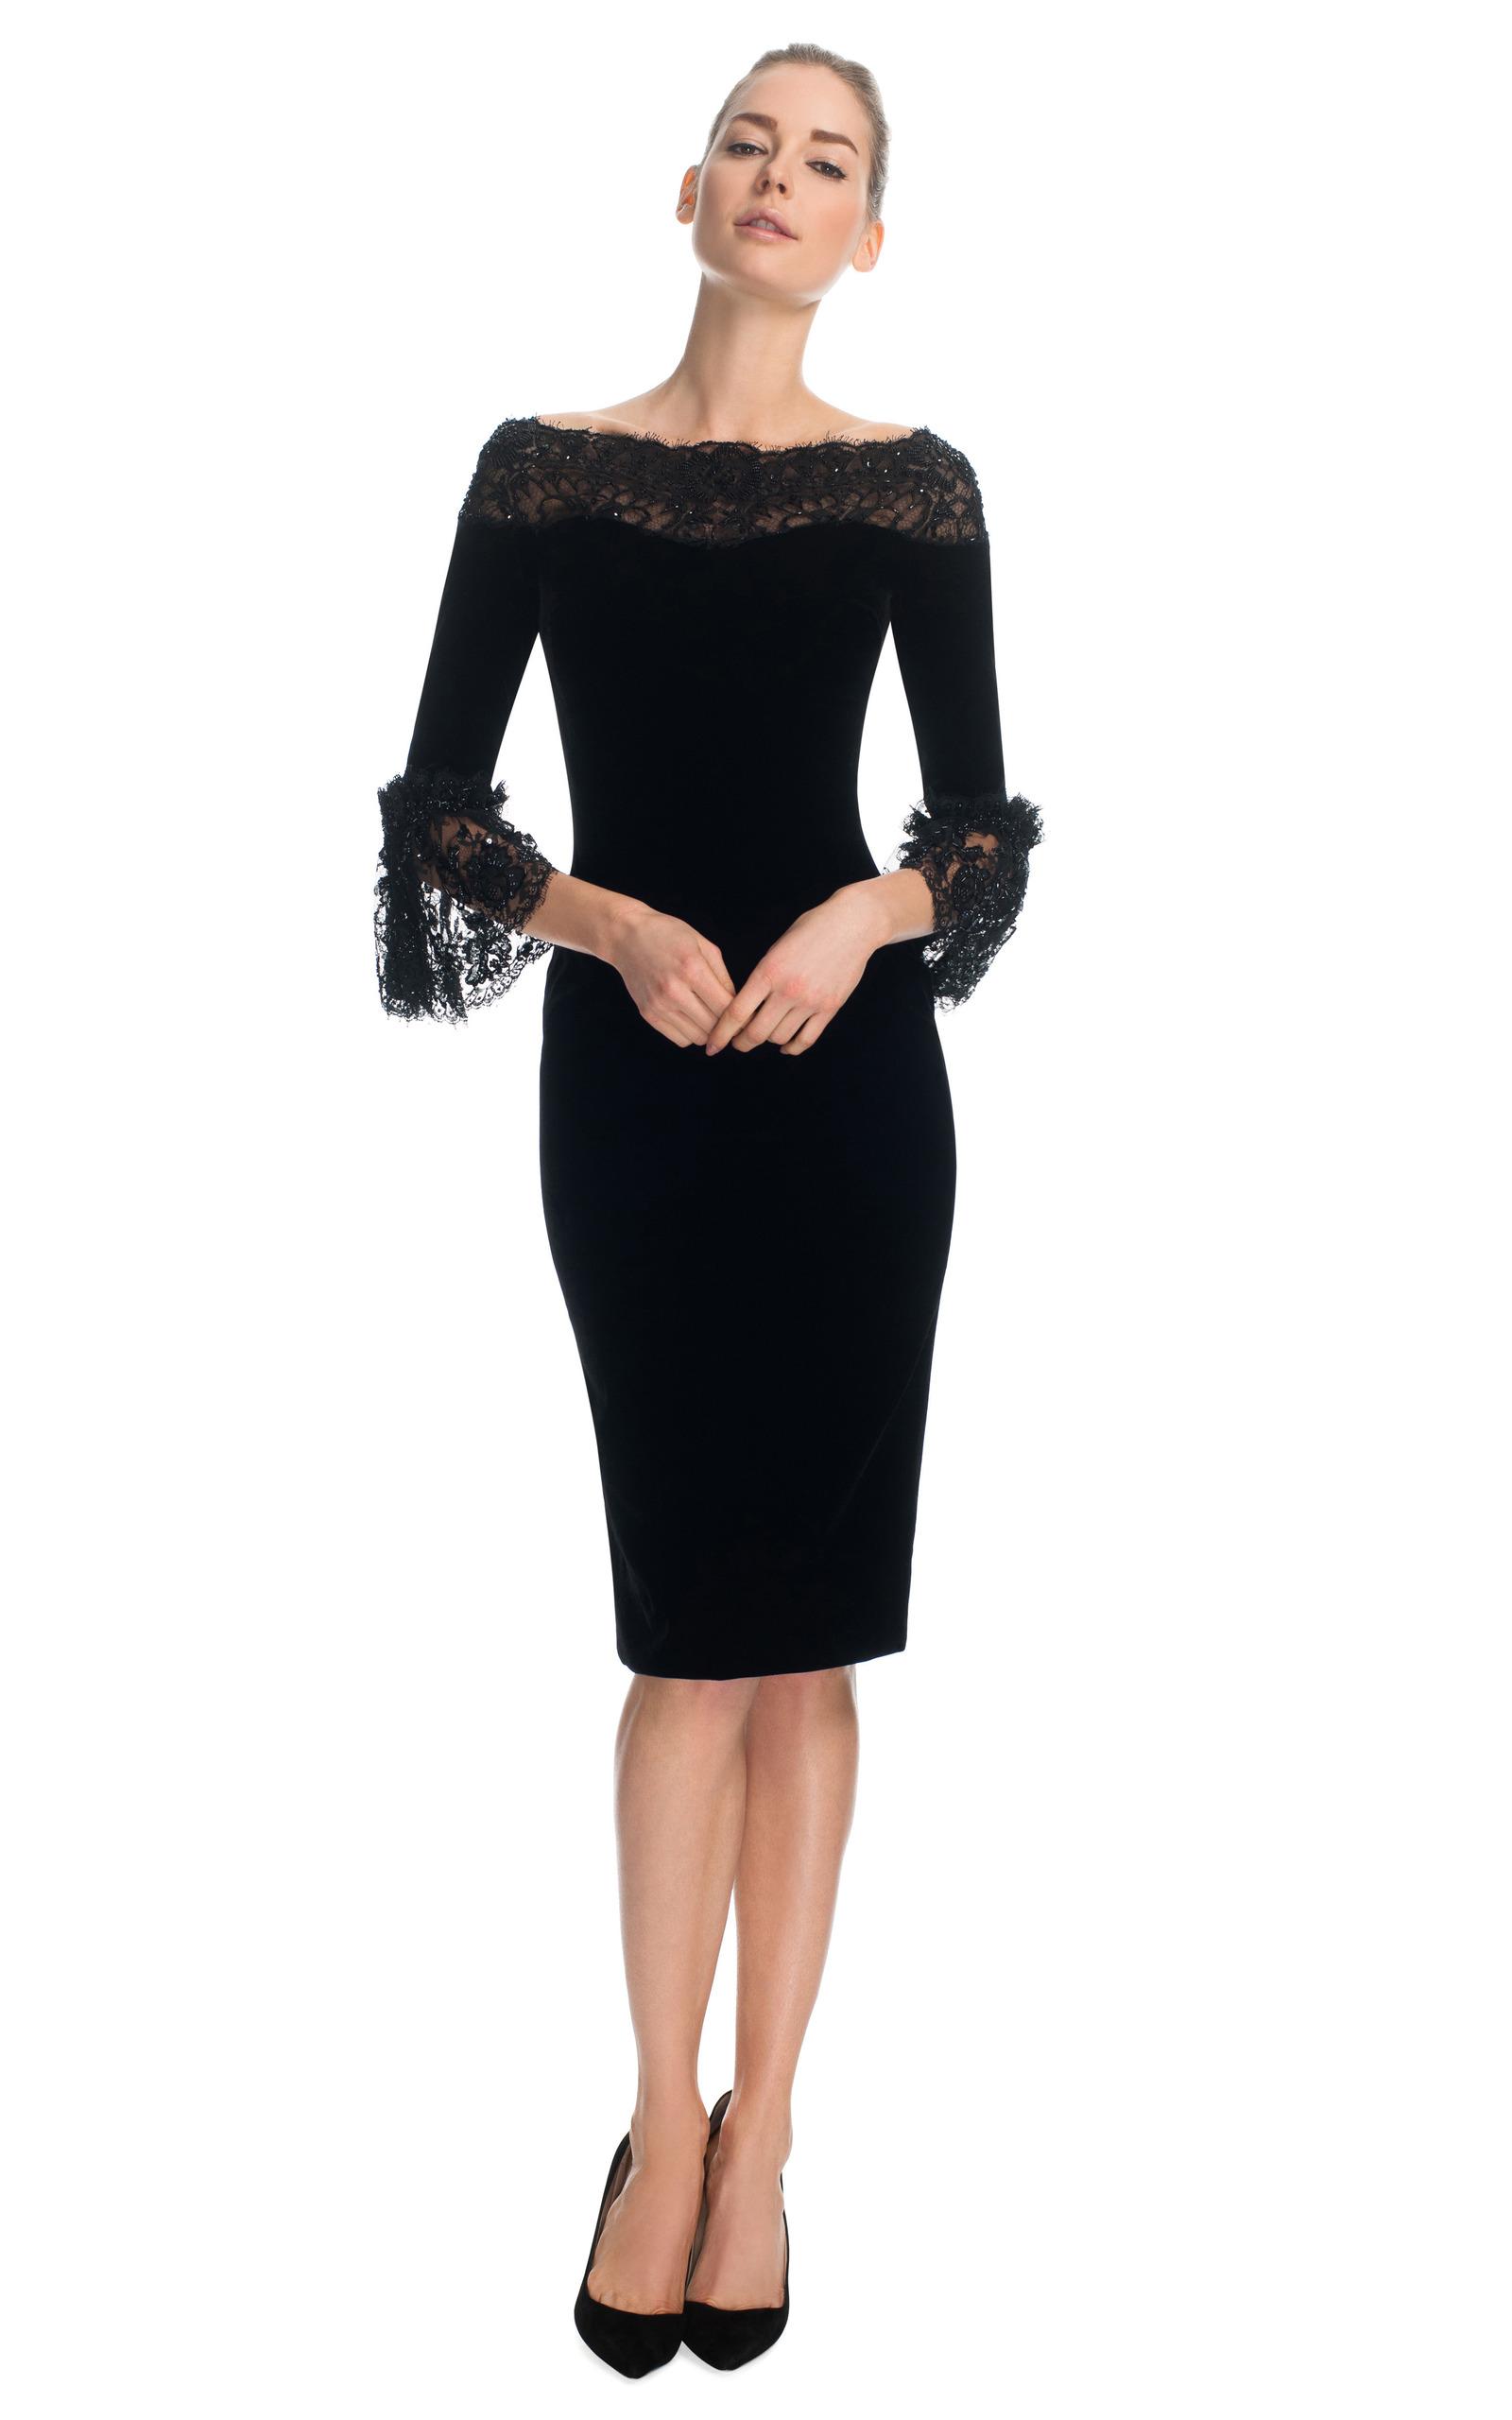 Girl Wallpaper Zip Velvet Cocktail Dress With Three Quarter Frill Sleeves